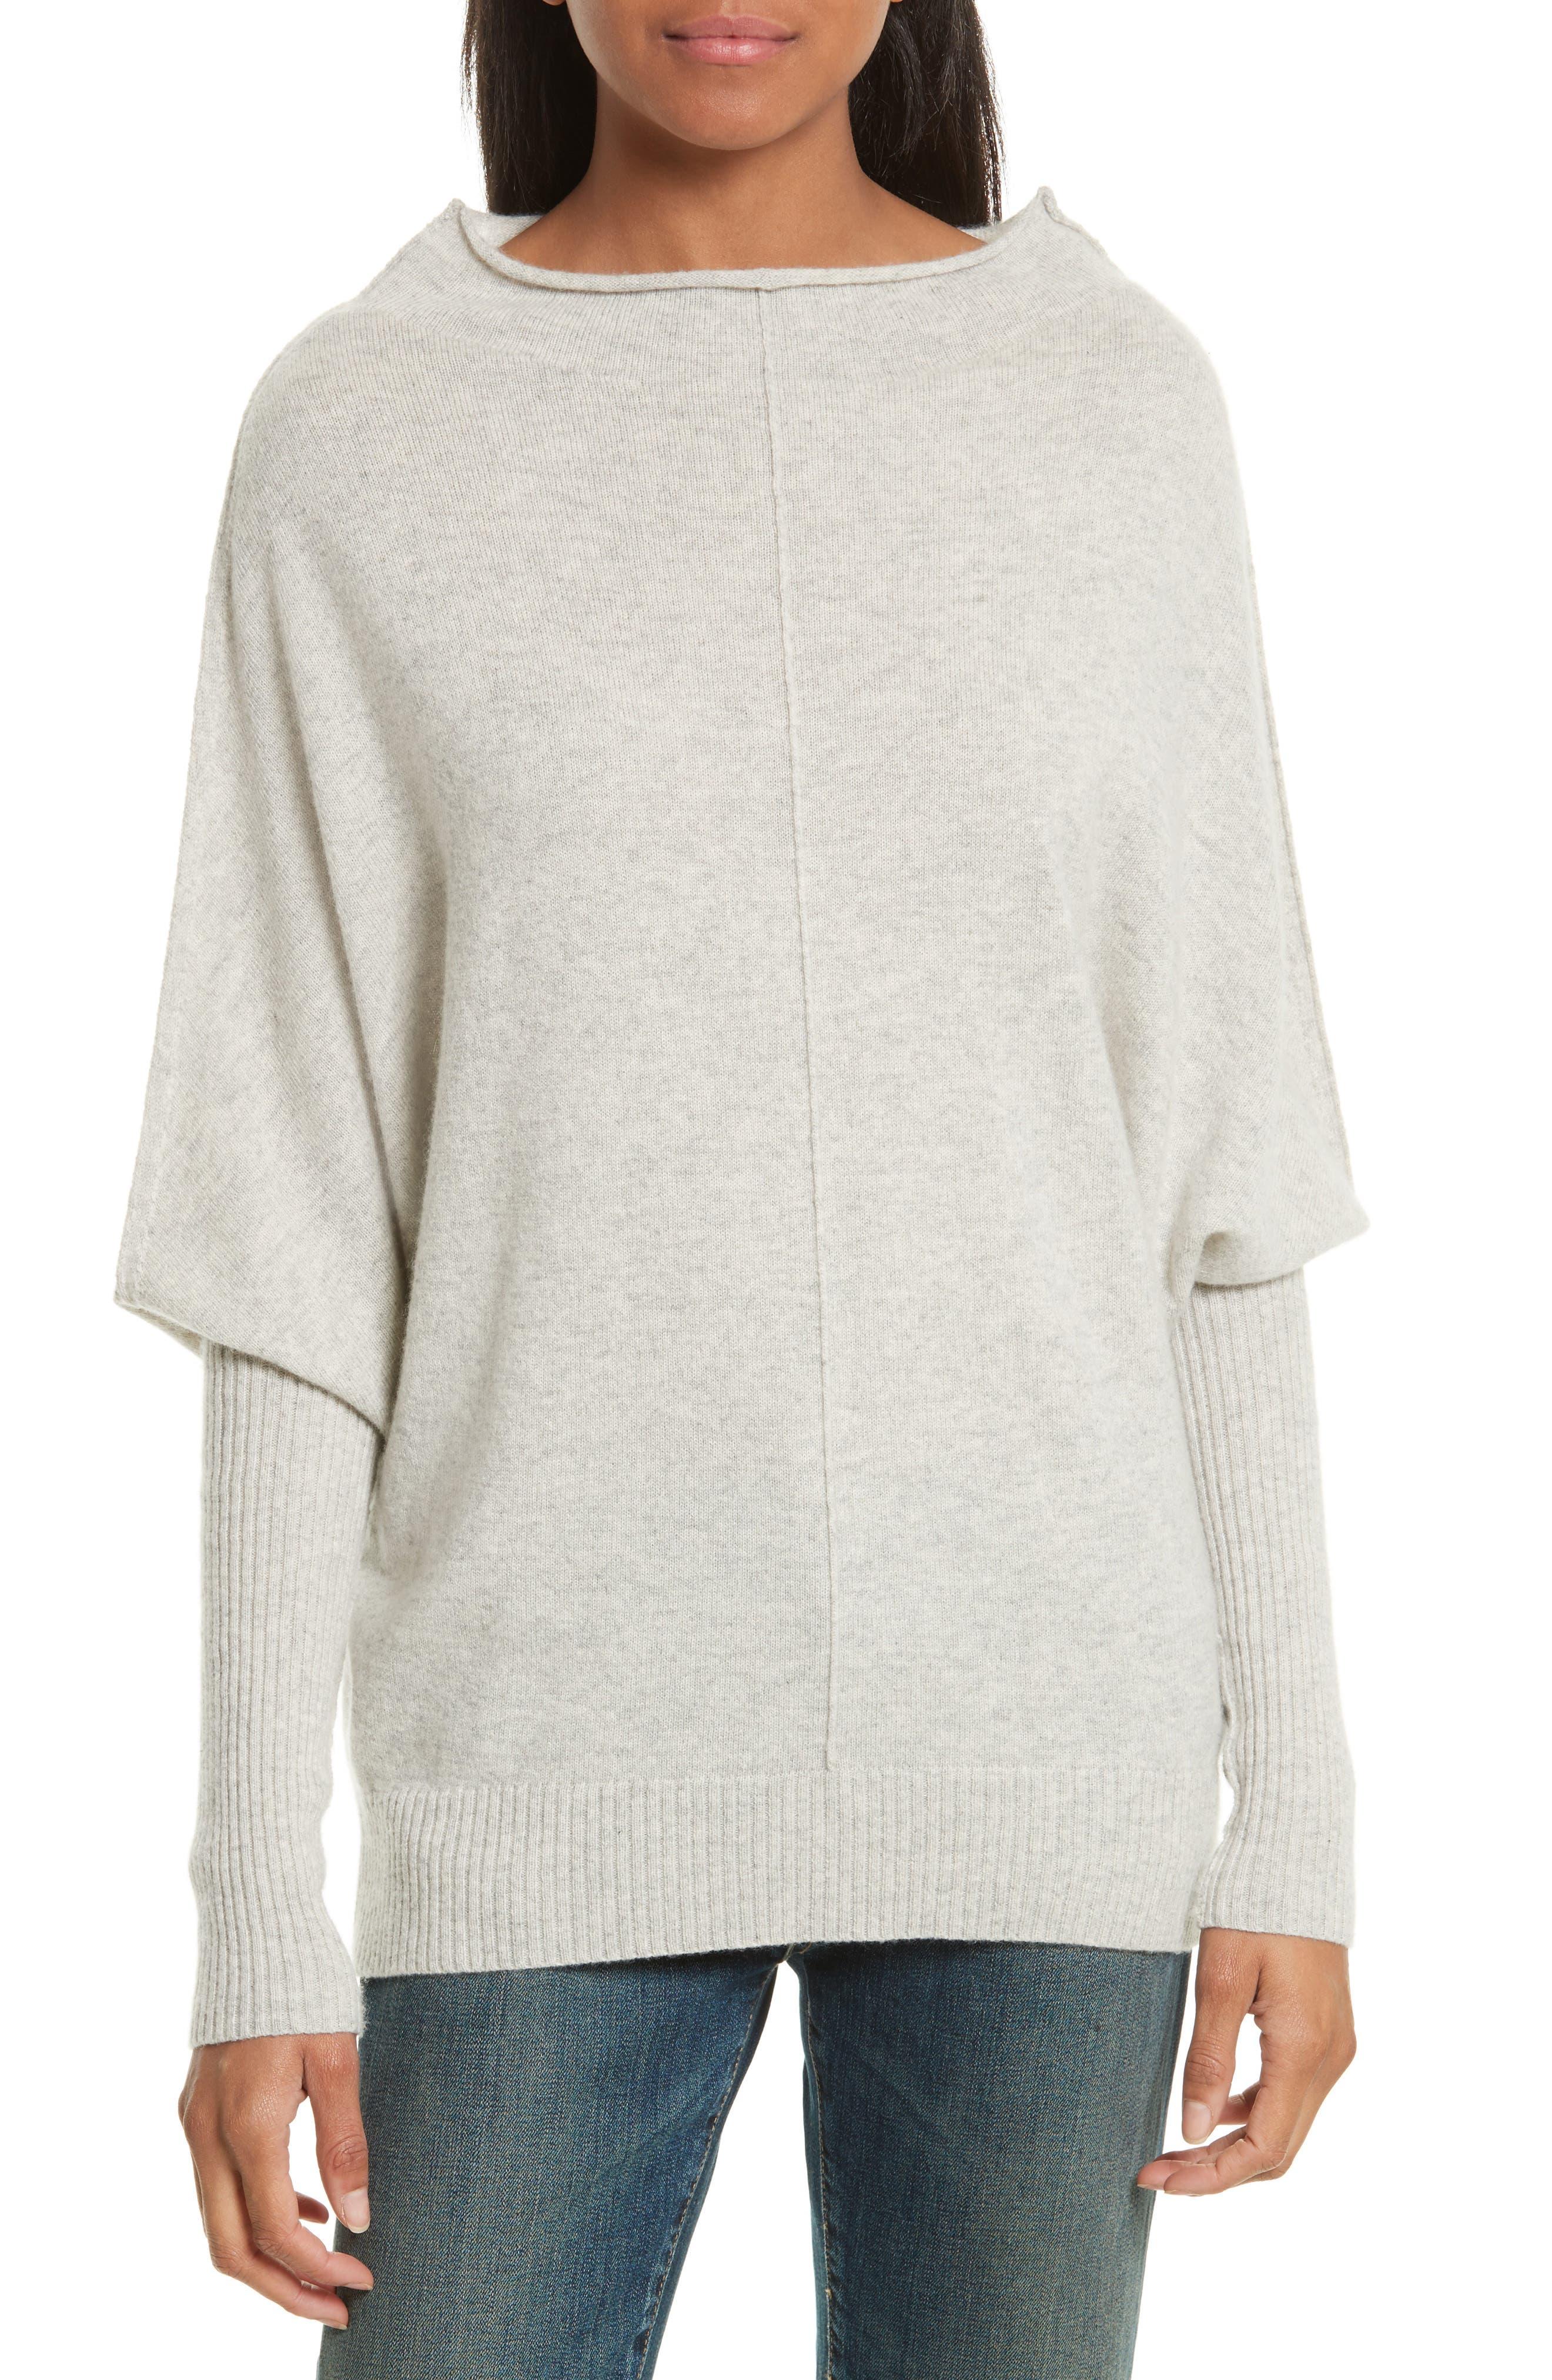 Rosalie Cashmere Sweater,                         Main,                         color, Light Grey Melange